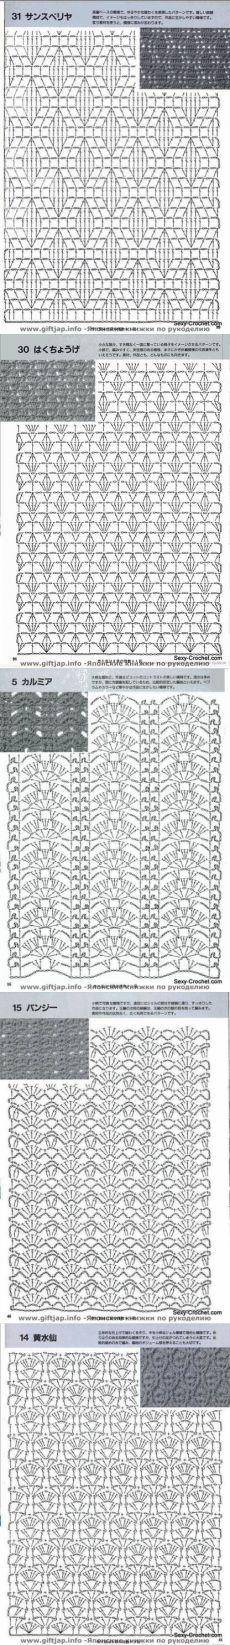 Схемы вязания для юбок